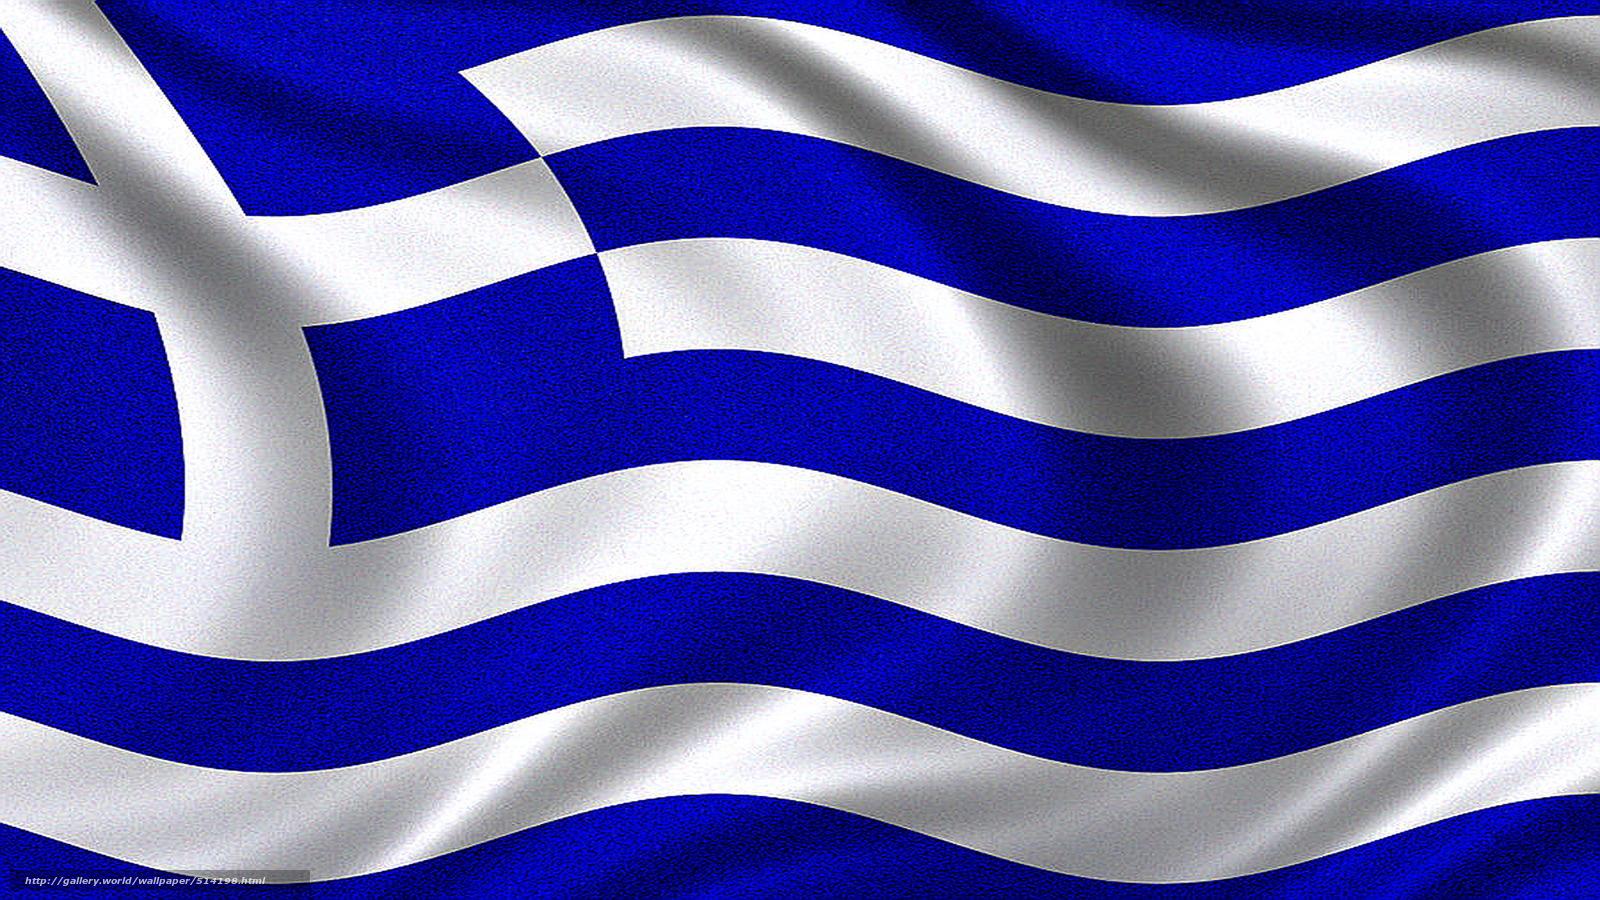 Скачивание изображения: флаг Греческой Республики - flag of greece, Греческий флаг, Флаг Греции 514198 / Разрешение: original /